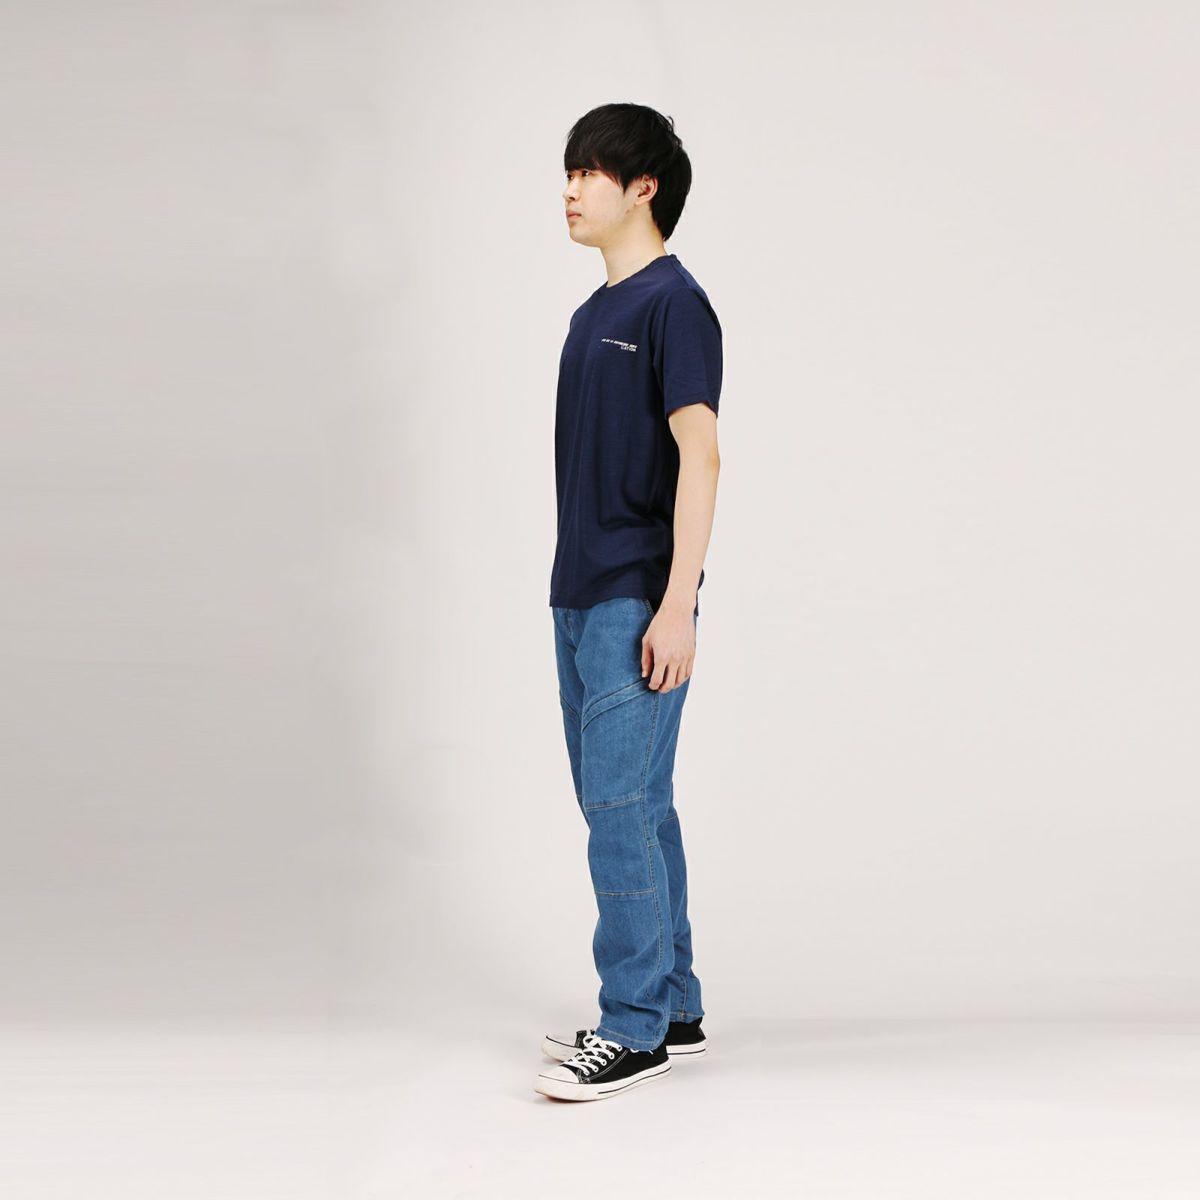 着用イメージ03 [男性モデルのサイズ]身長:168cm 着用サイズ:Lサイズ